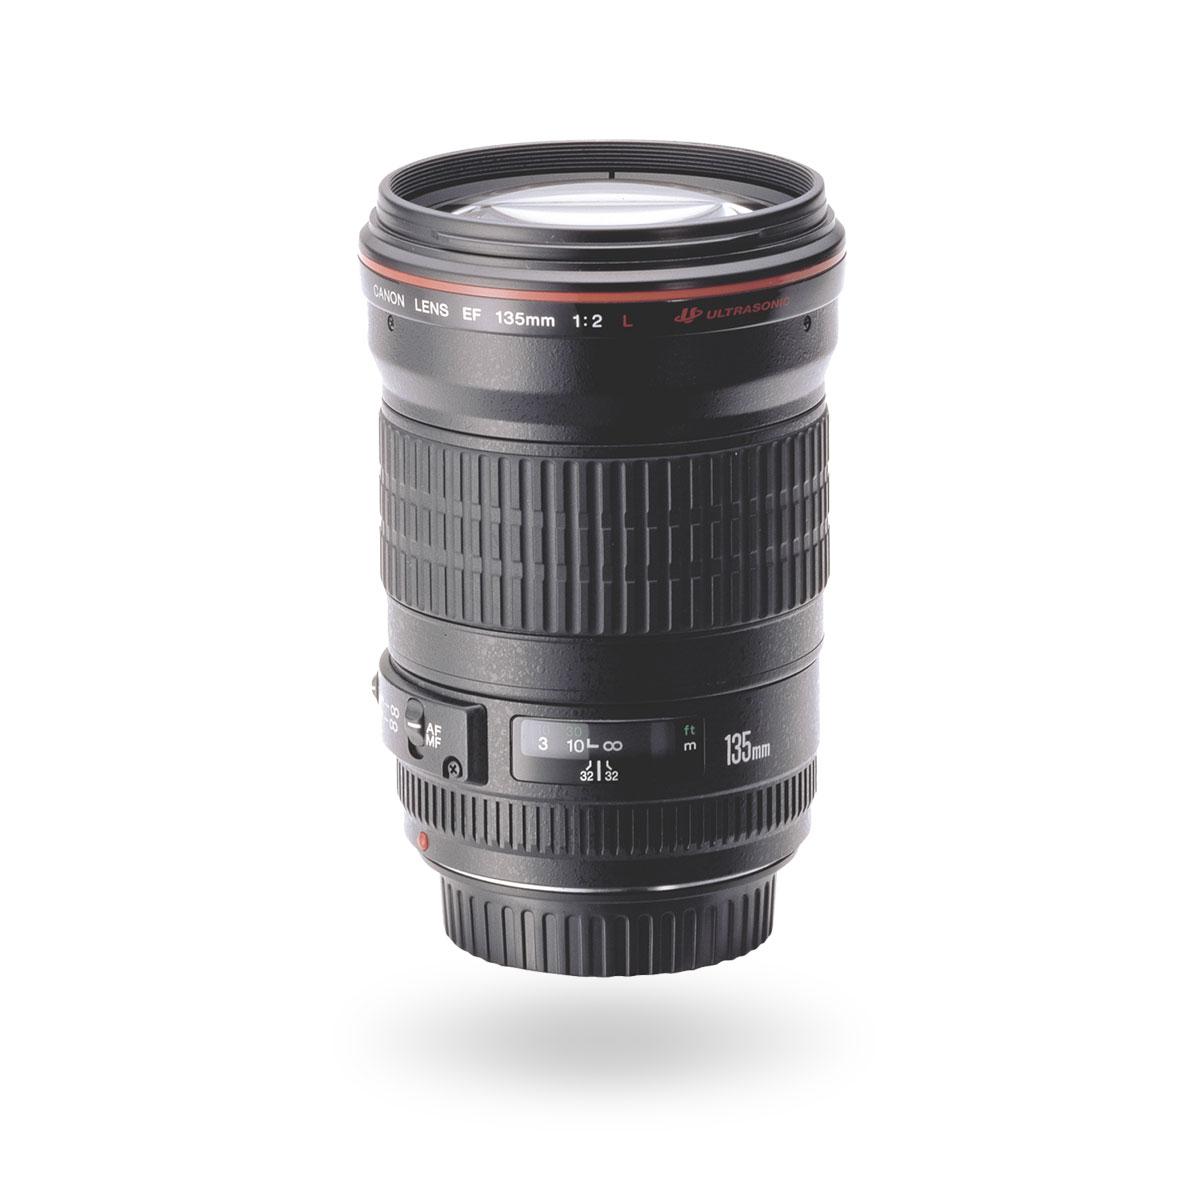 EF 135mm f/2L USM lens